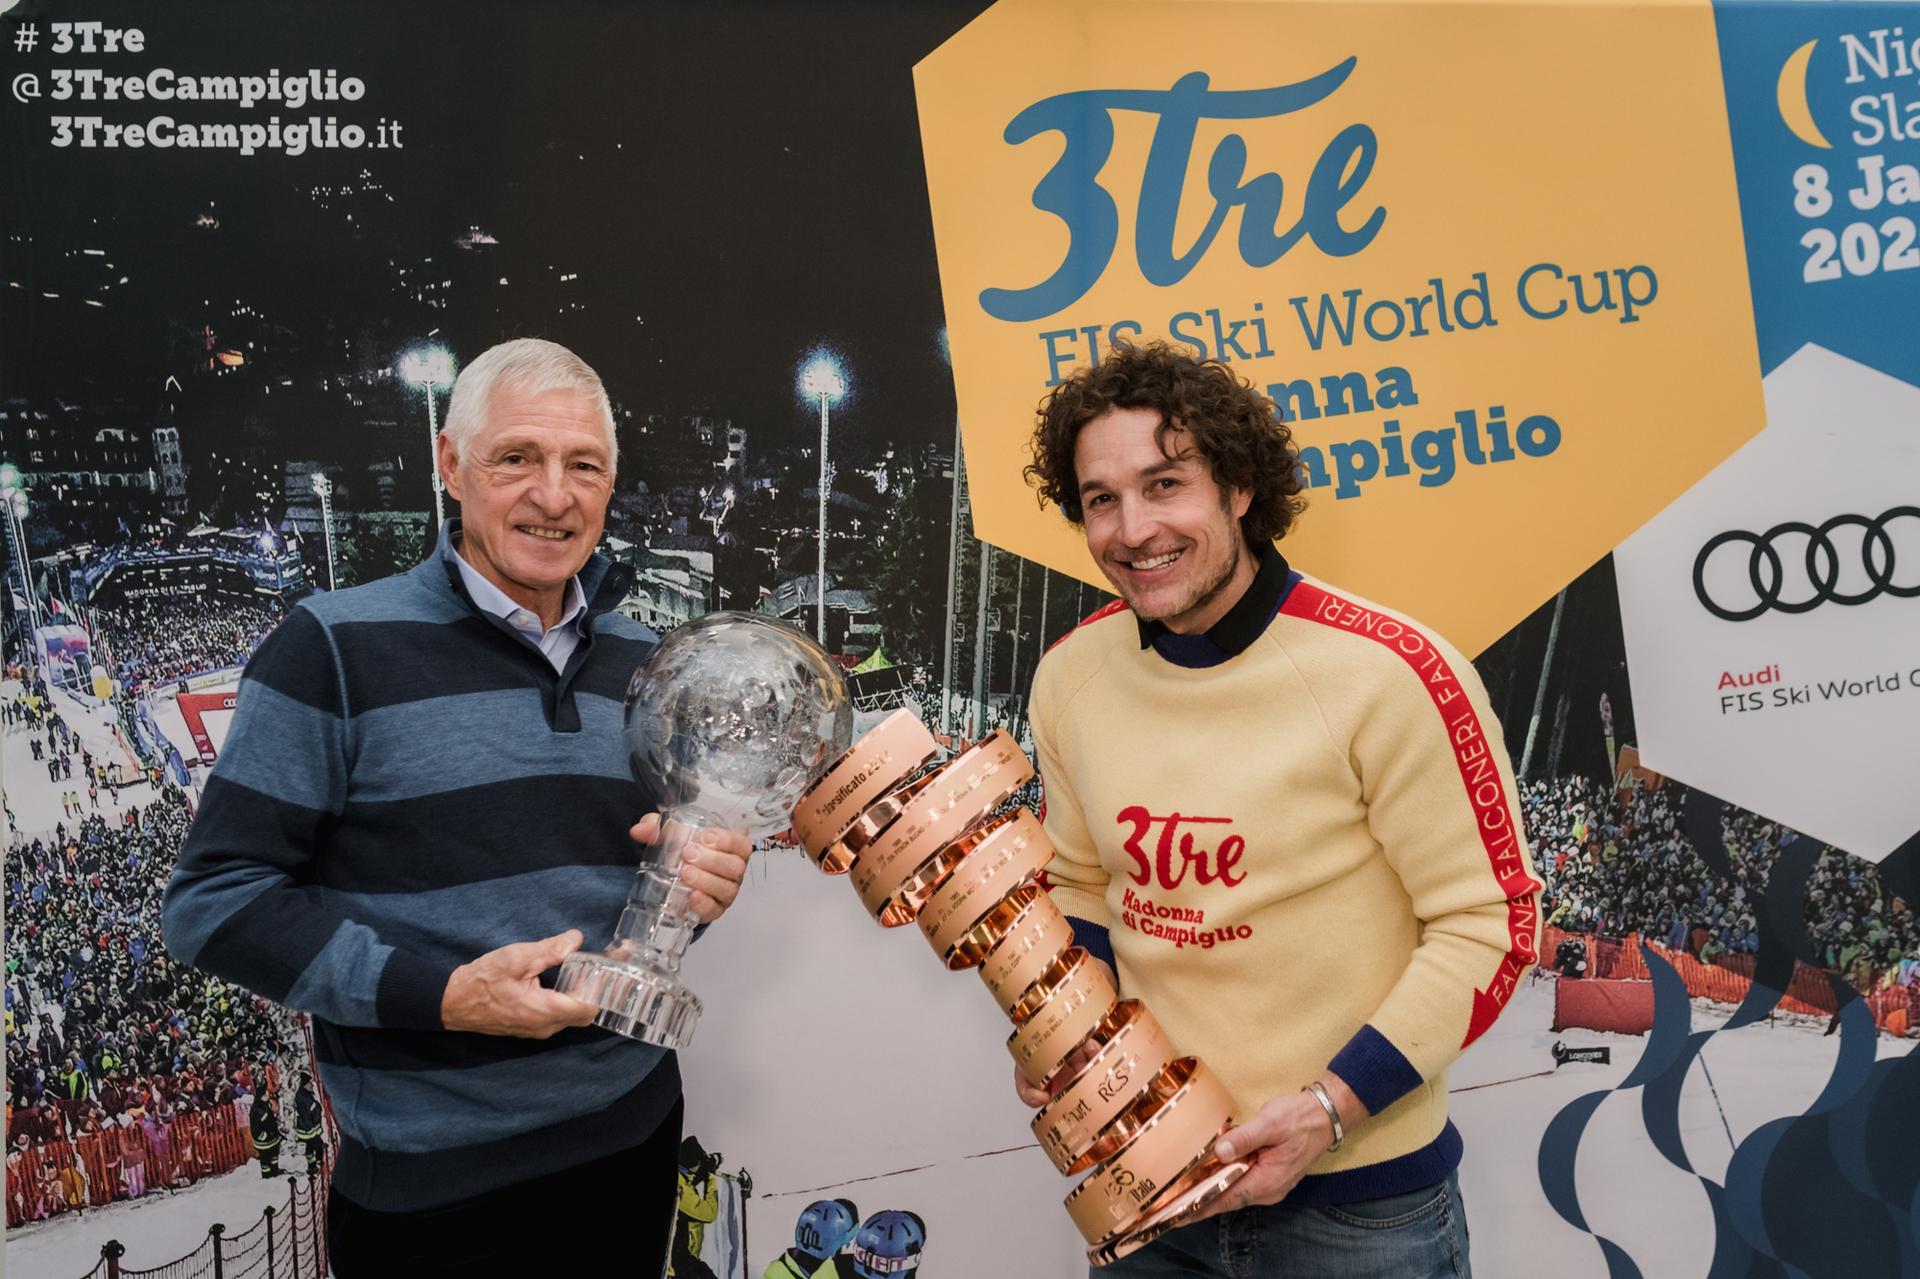 3Tre e Giro d'Italia intonano le quattro stagioni di Campiglio